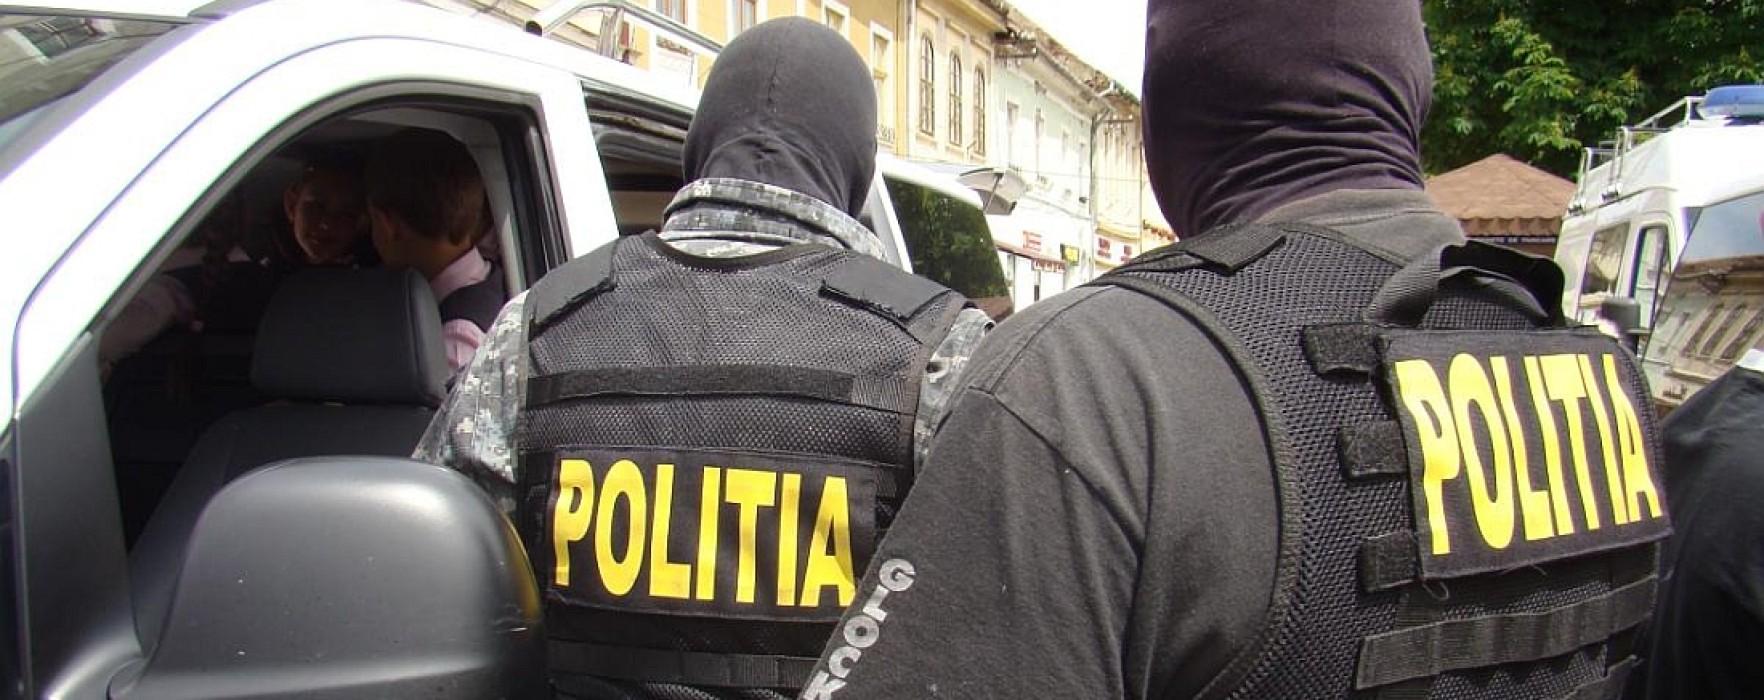 Percheziţii la traficanţi de droguri în Târgovişte